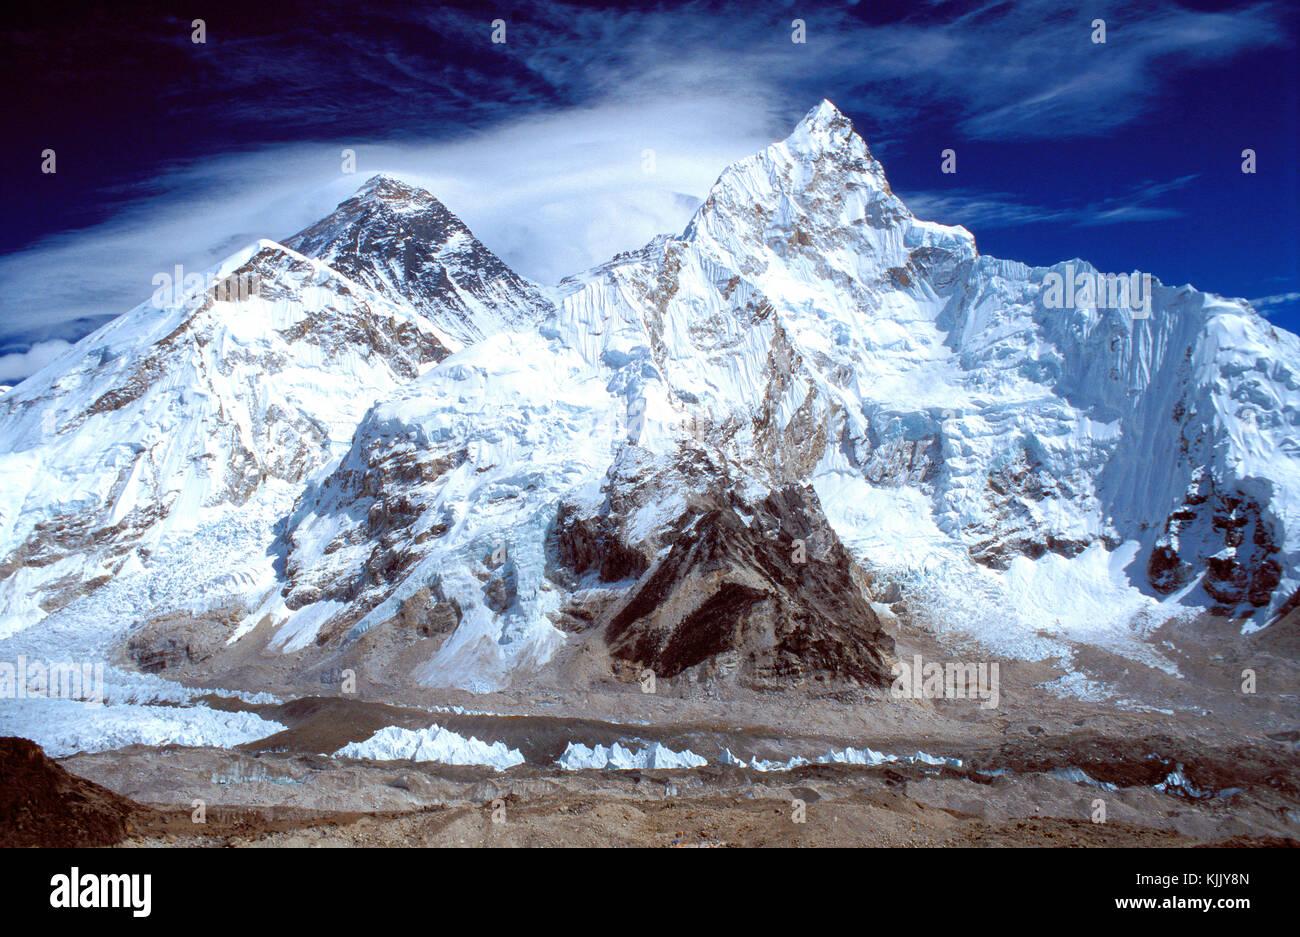 Trekking paths leading to Everest base camp. Solu Khumbu. Nepal. - Stock Image